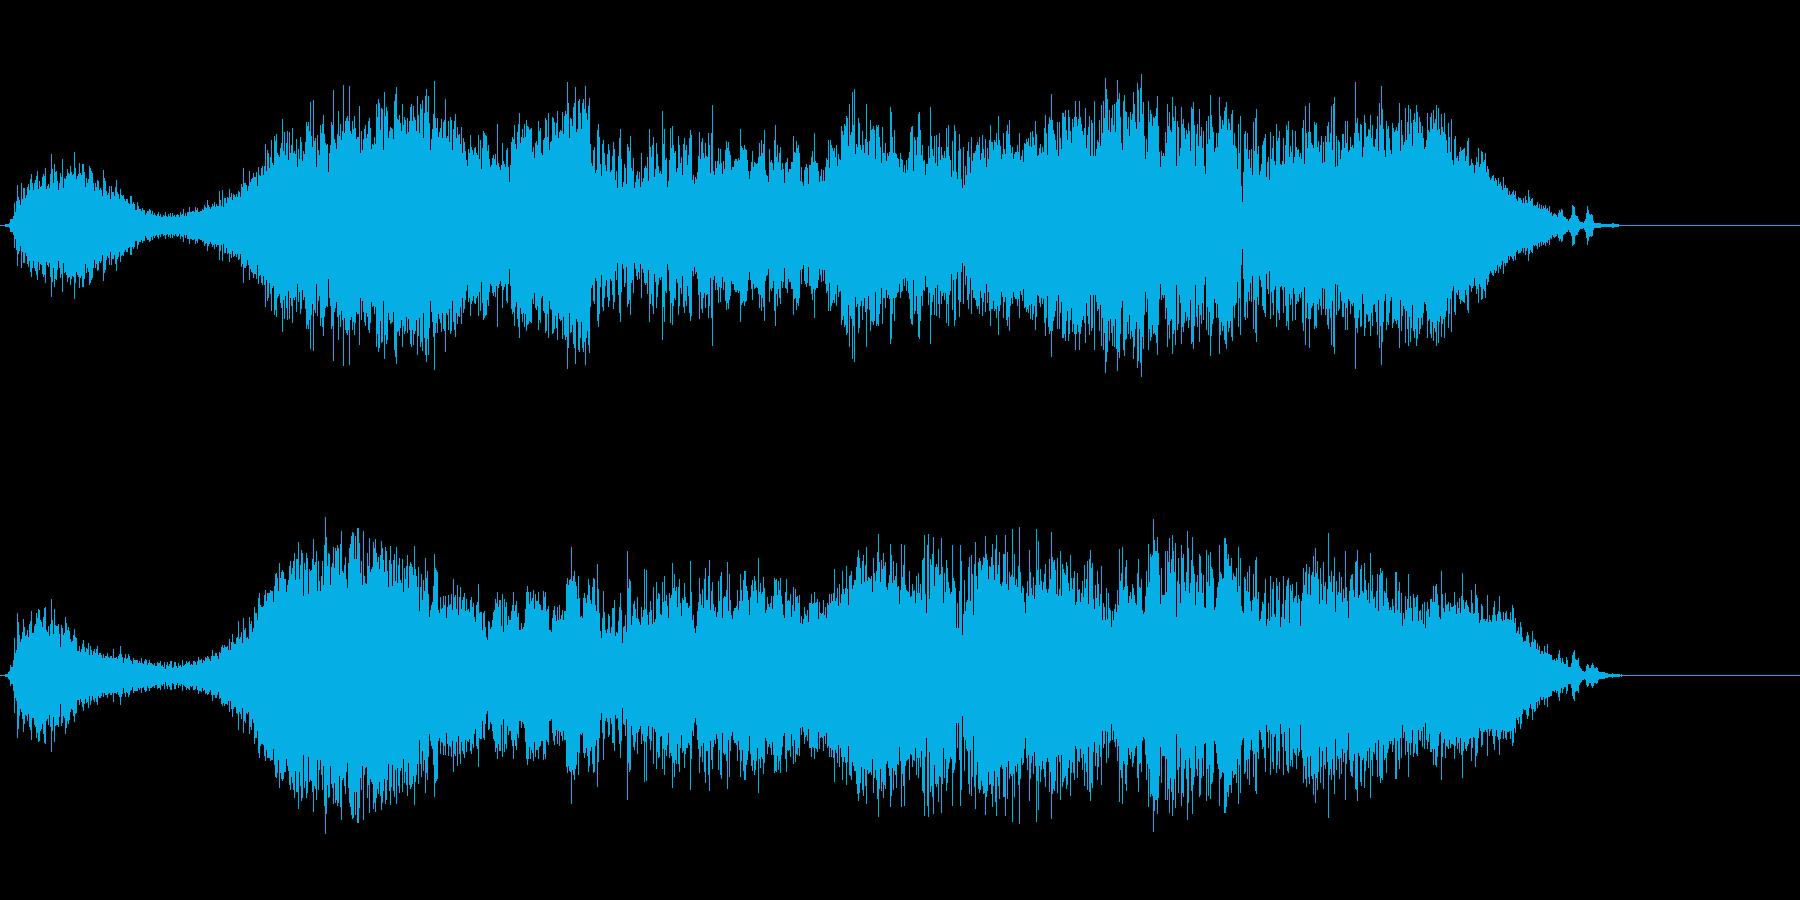 ハイパーメディアの再生済みの波形